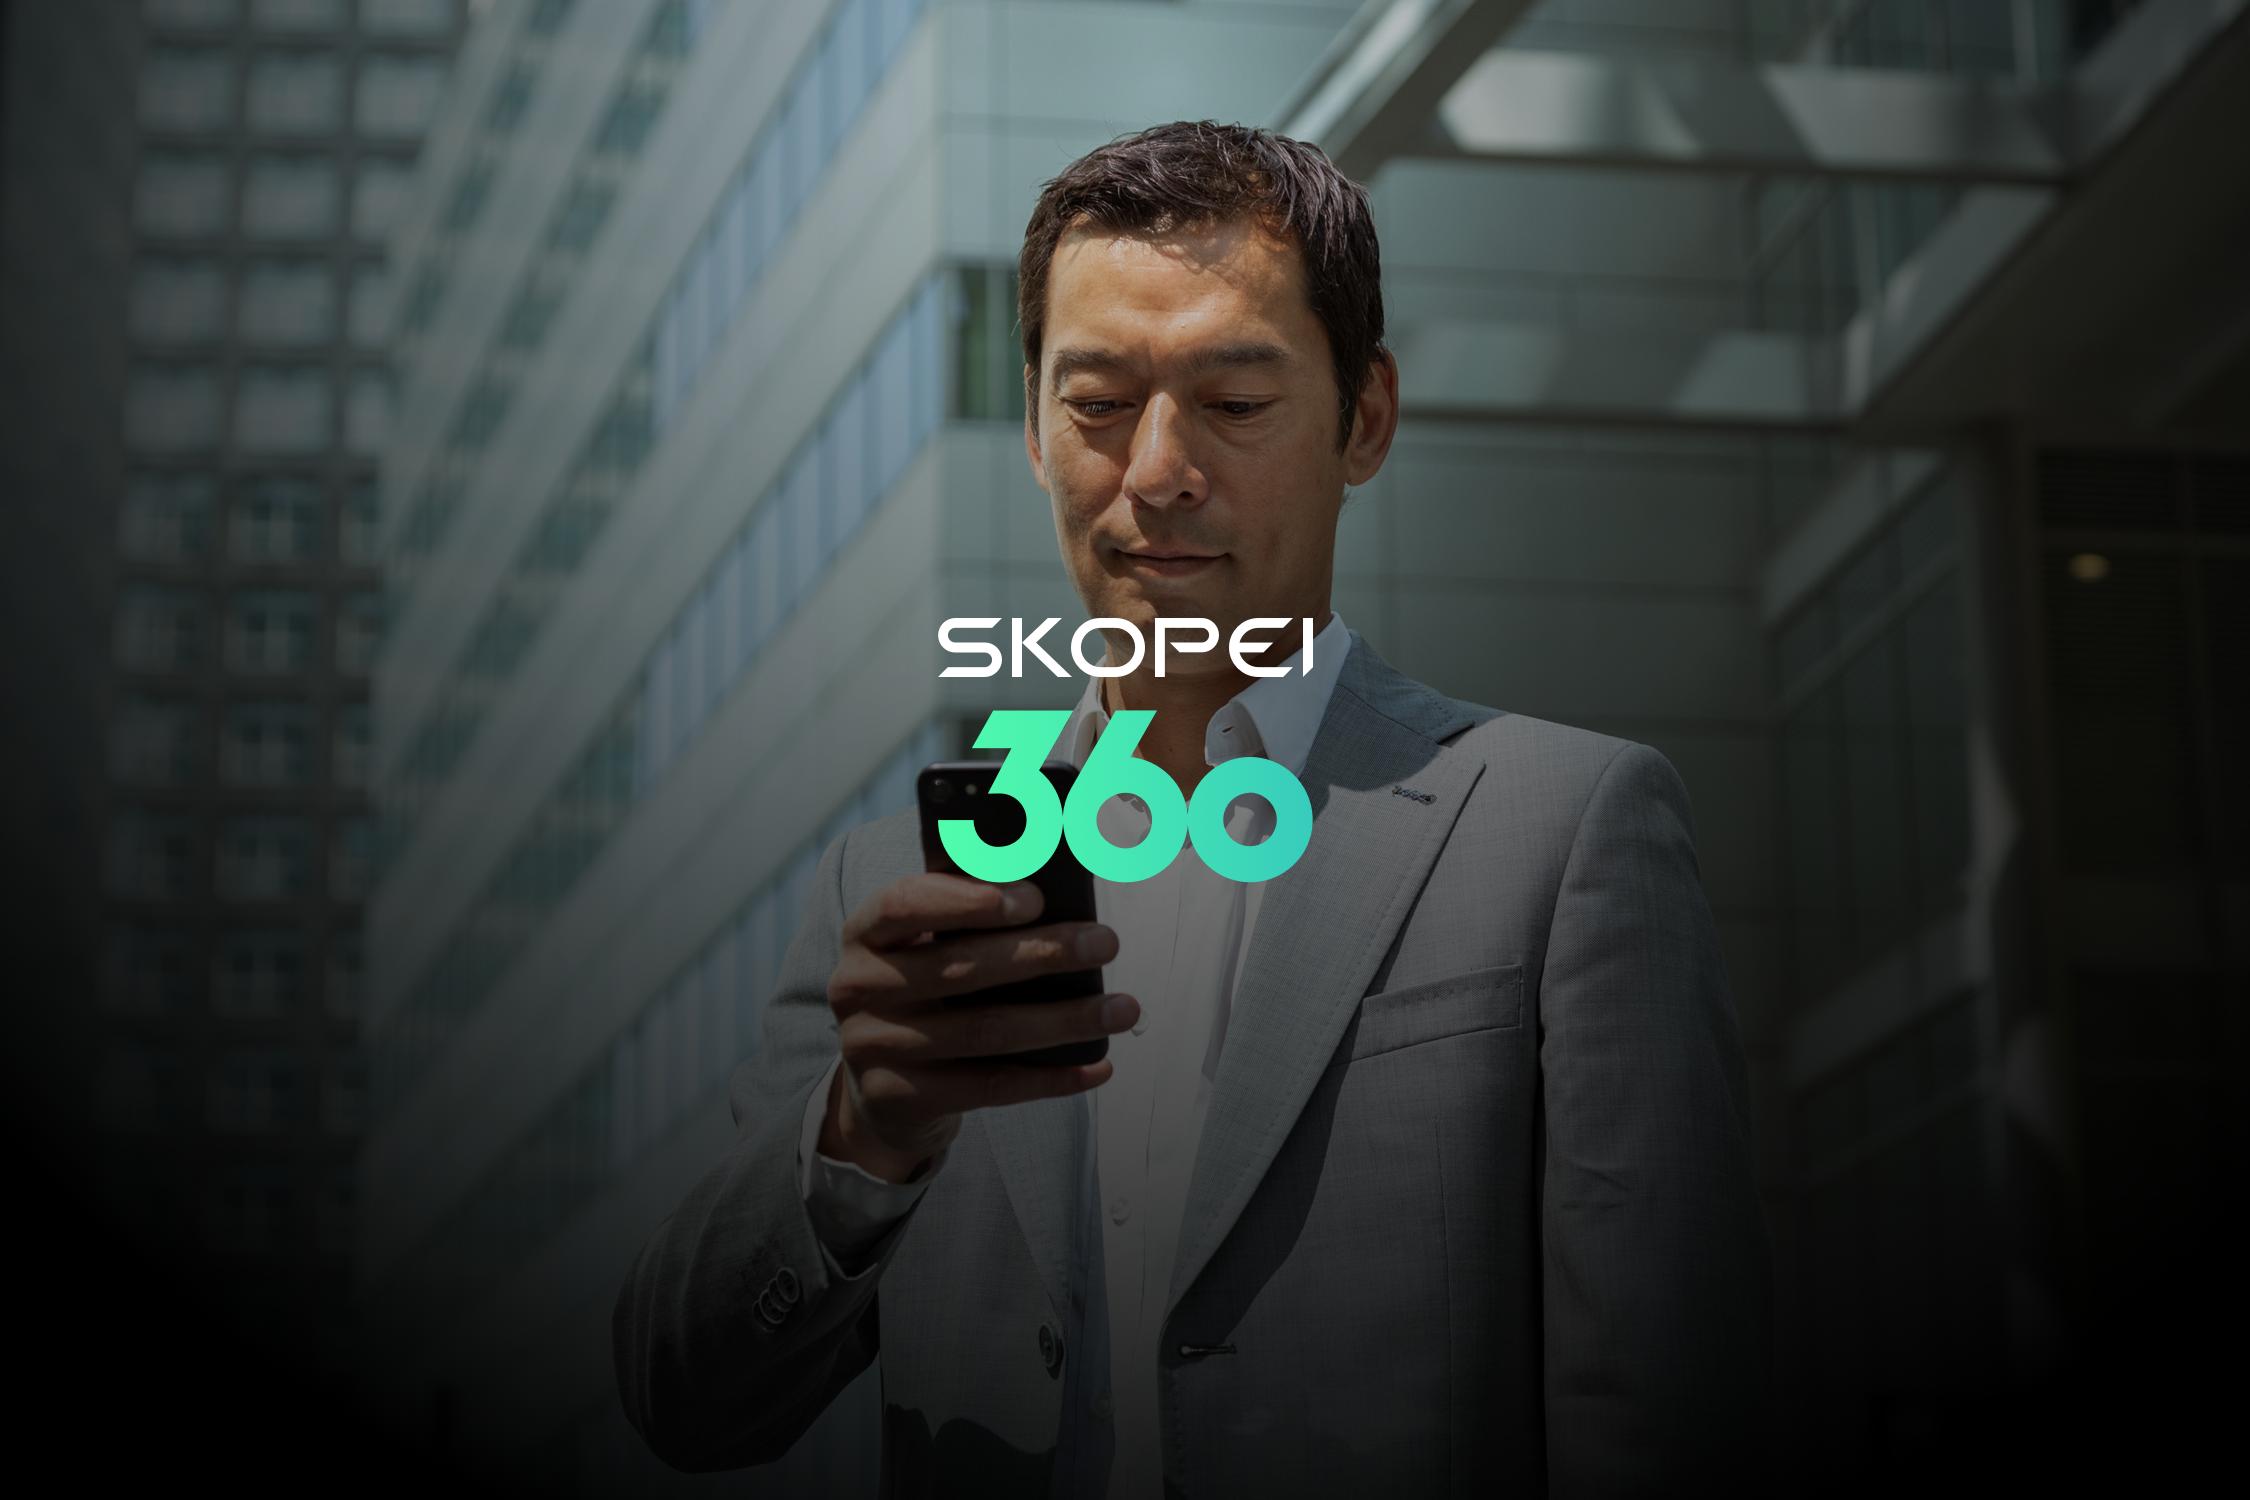 skopei360.png